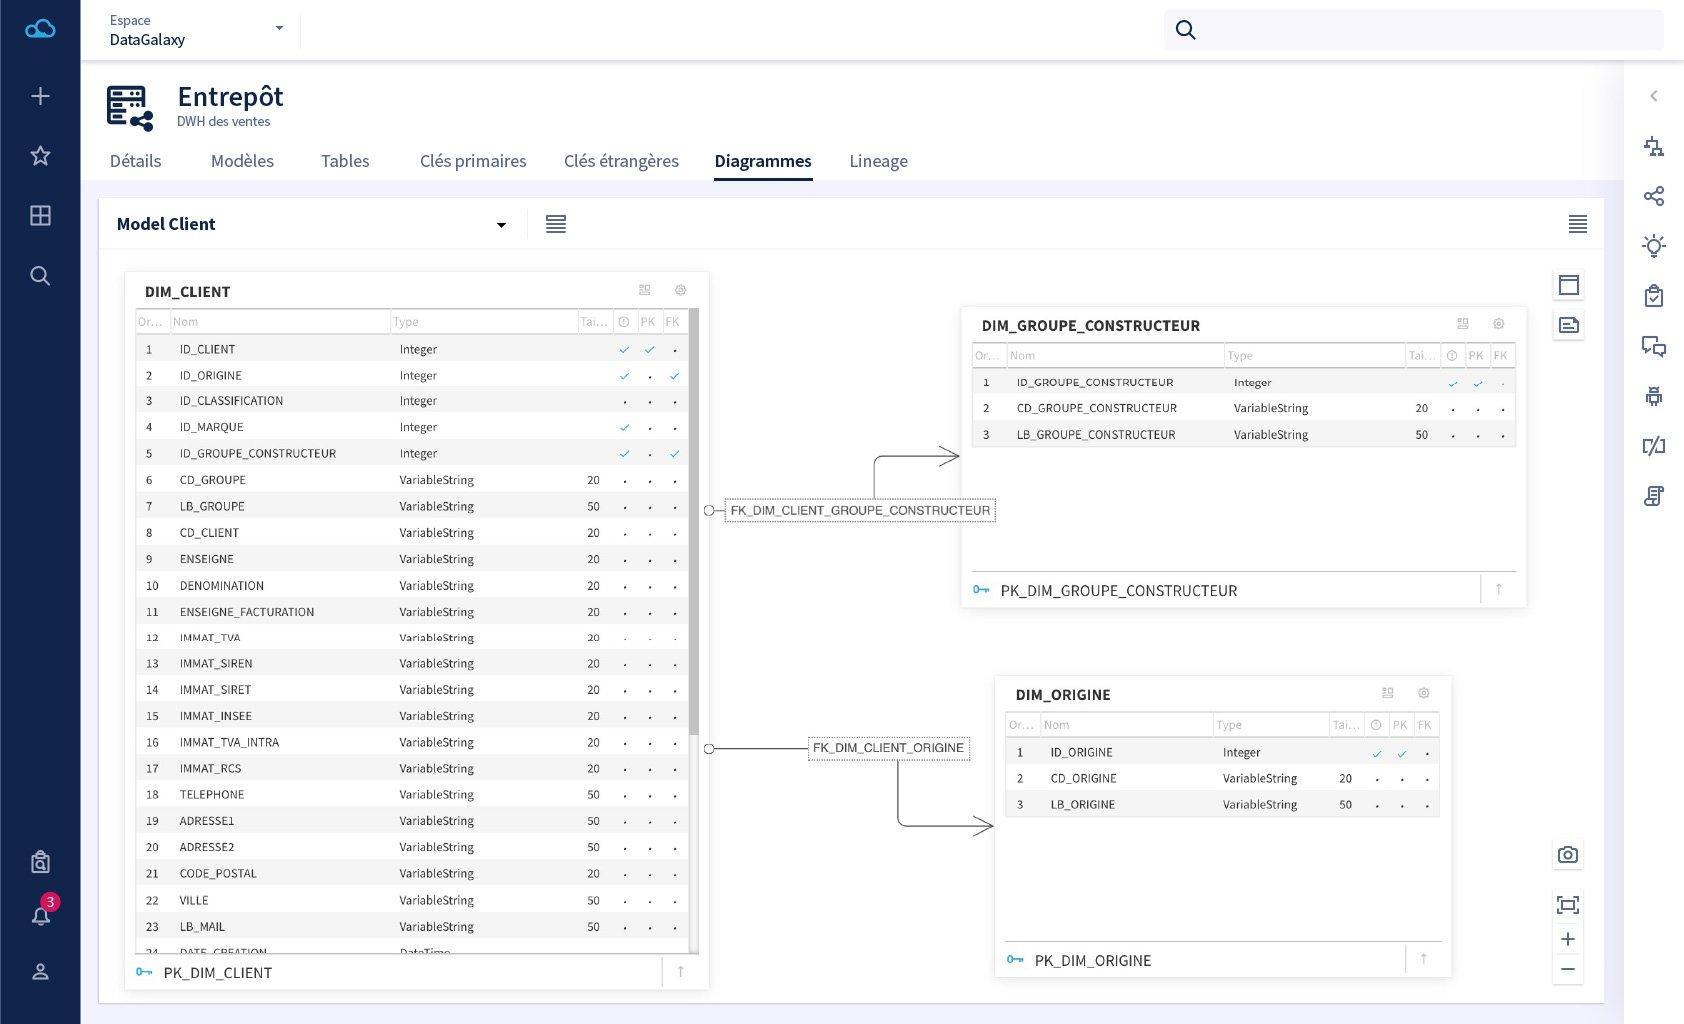 Le modeleur DataGalaxy permet de concevoir et partager vos modèles de données actuels et futurs.